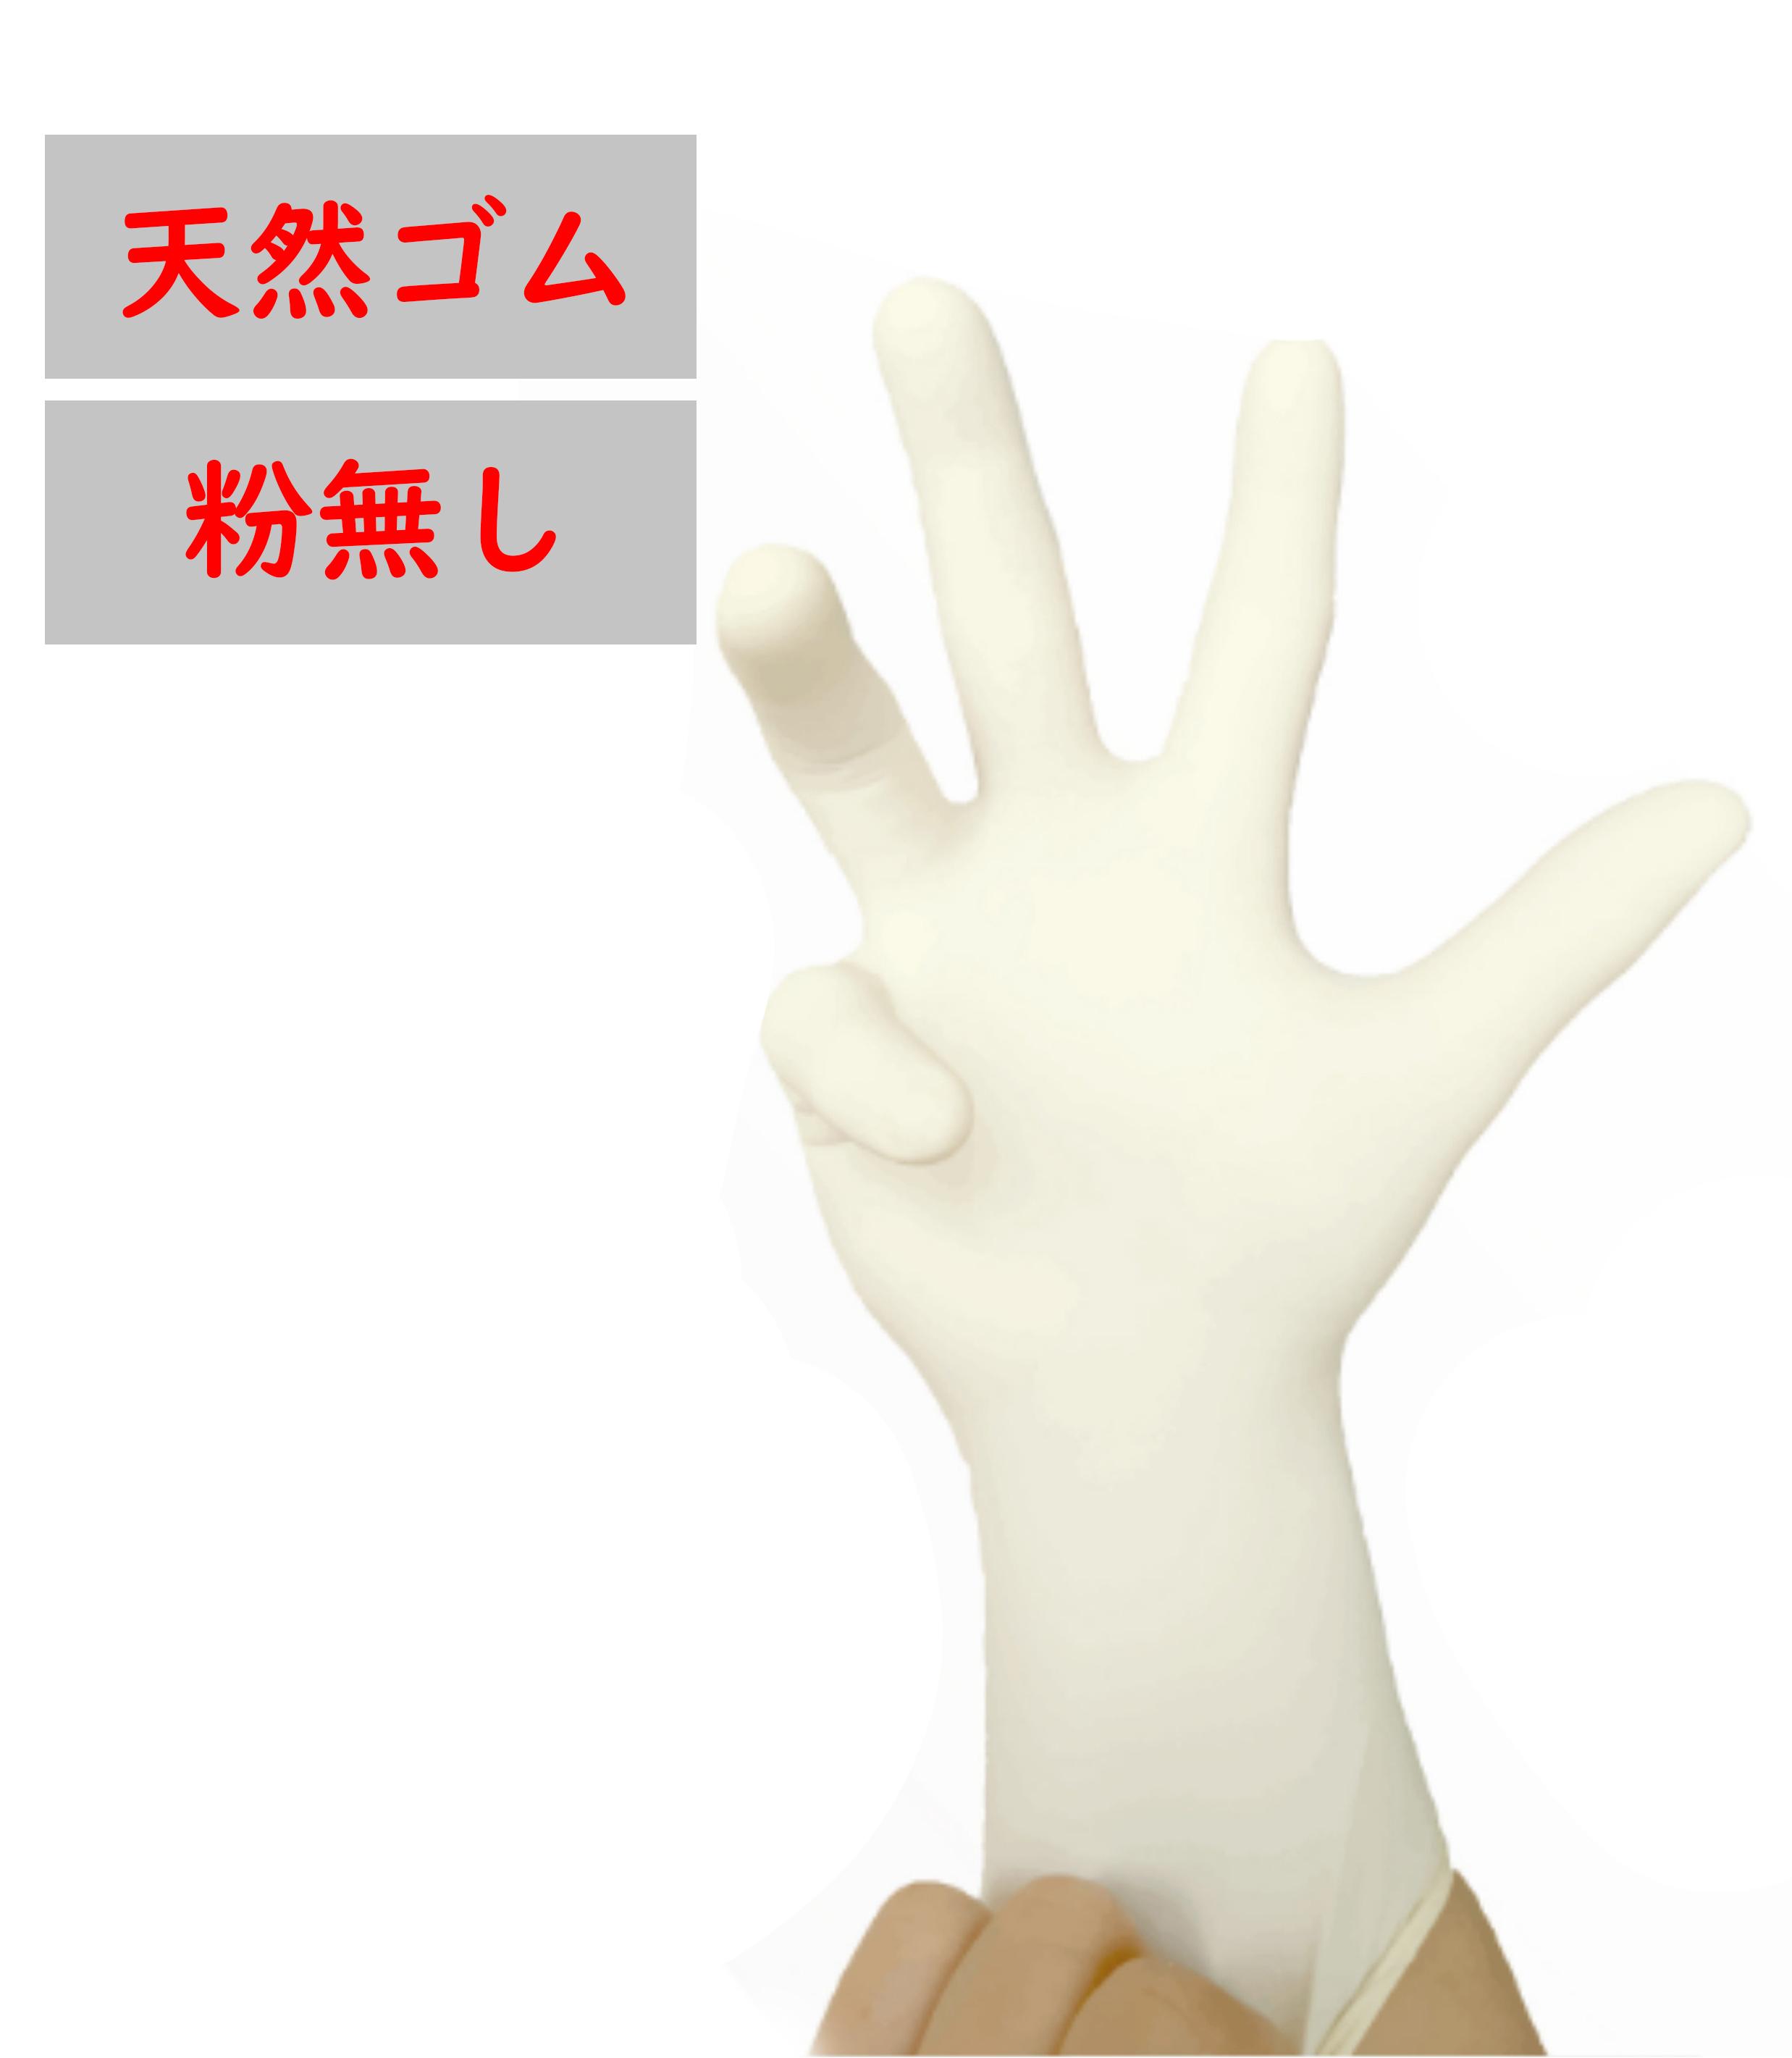 手袋 使い捨て極薄手袋 (天然ゴム 粉なし)100枚入 白